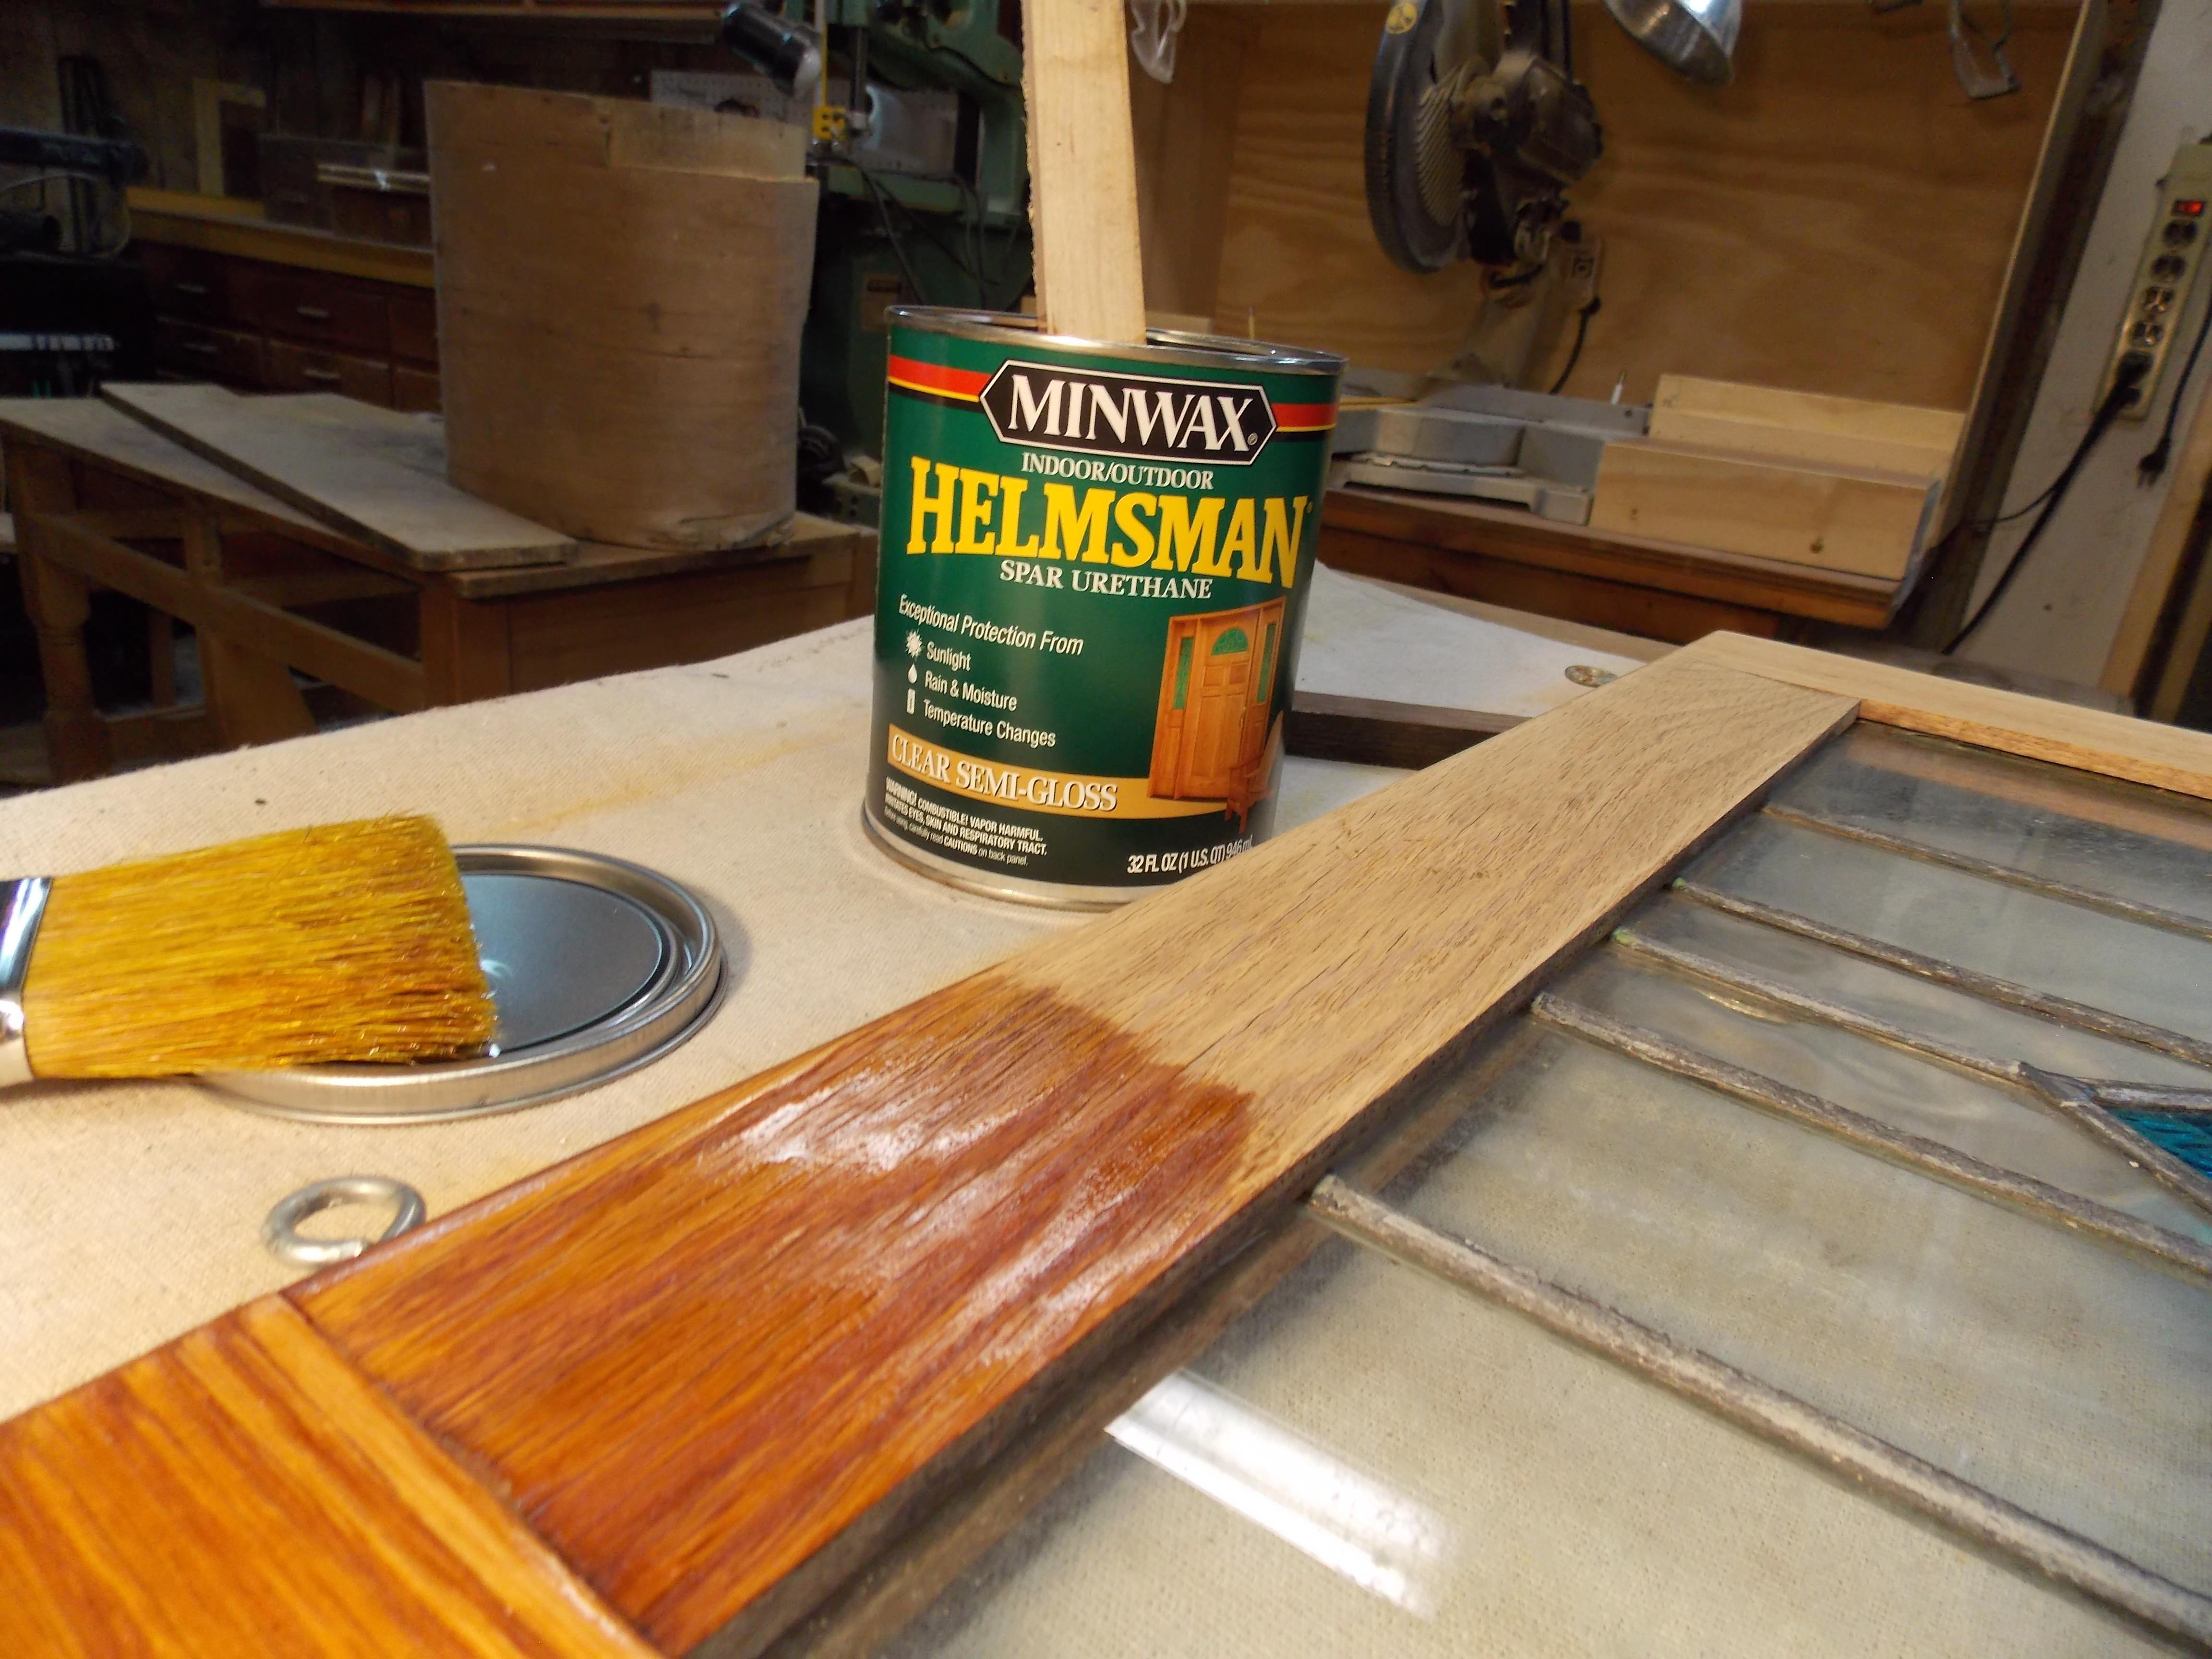 Apply Minwax Helmsman Indoor/Outdoor Spar Urethane